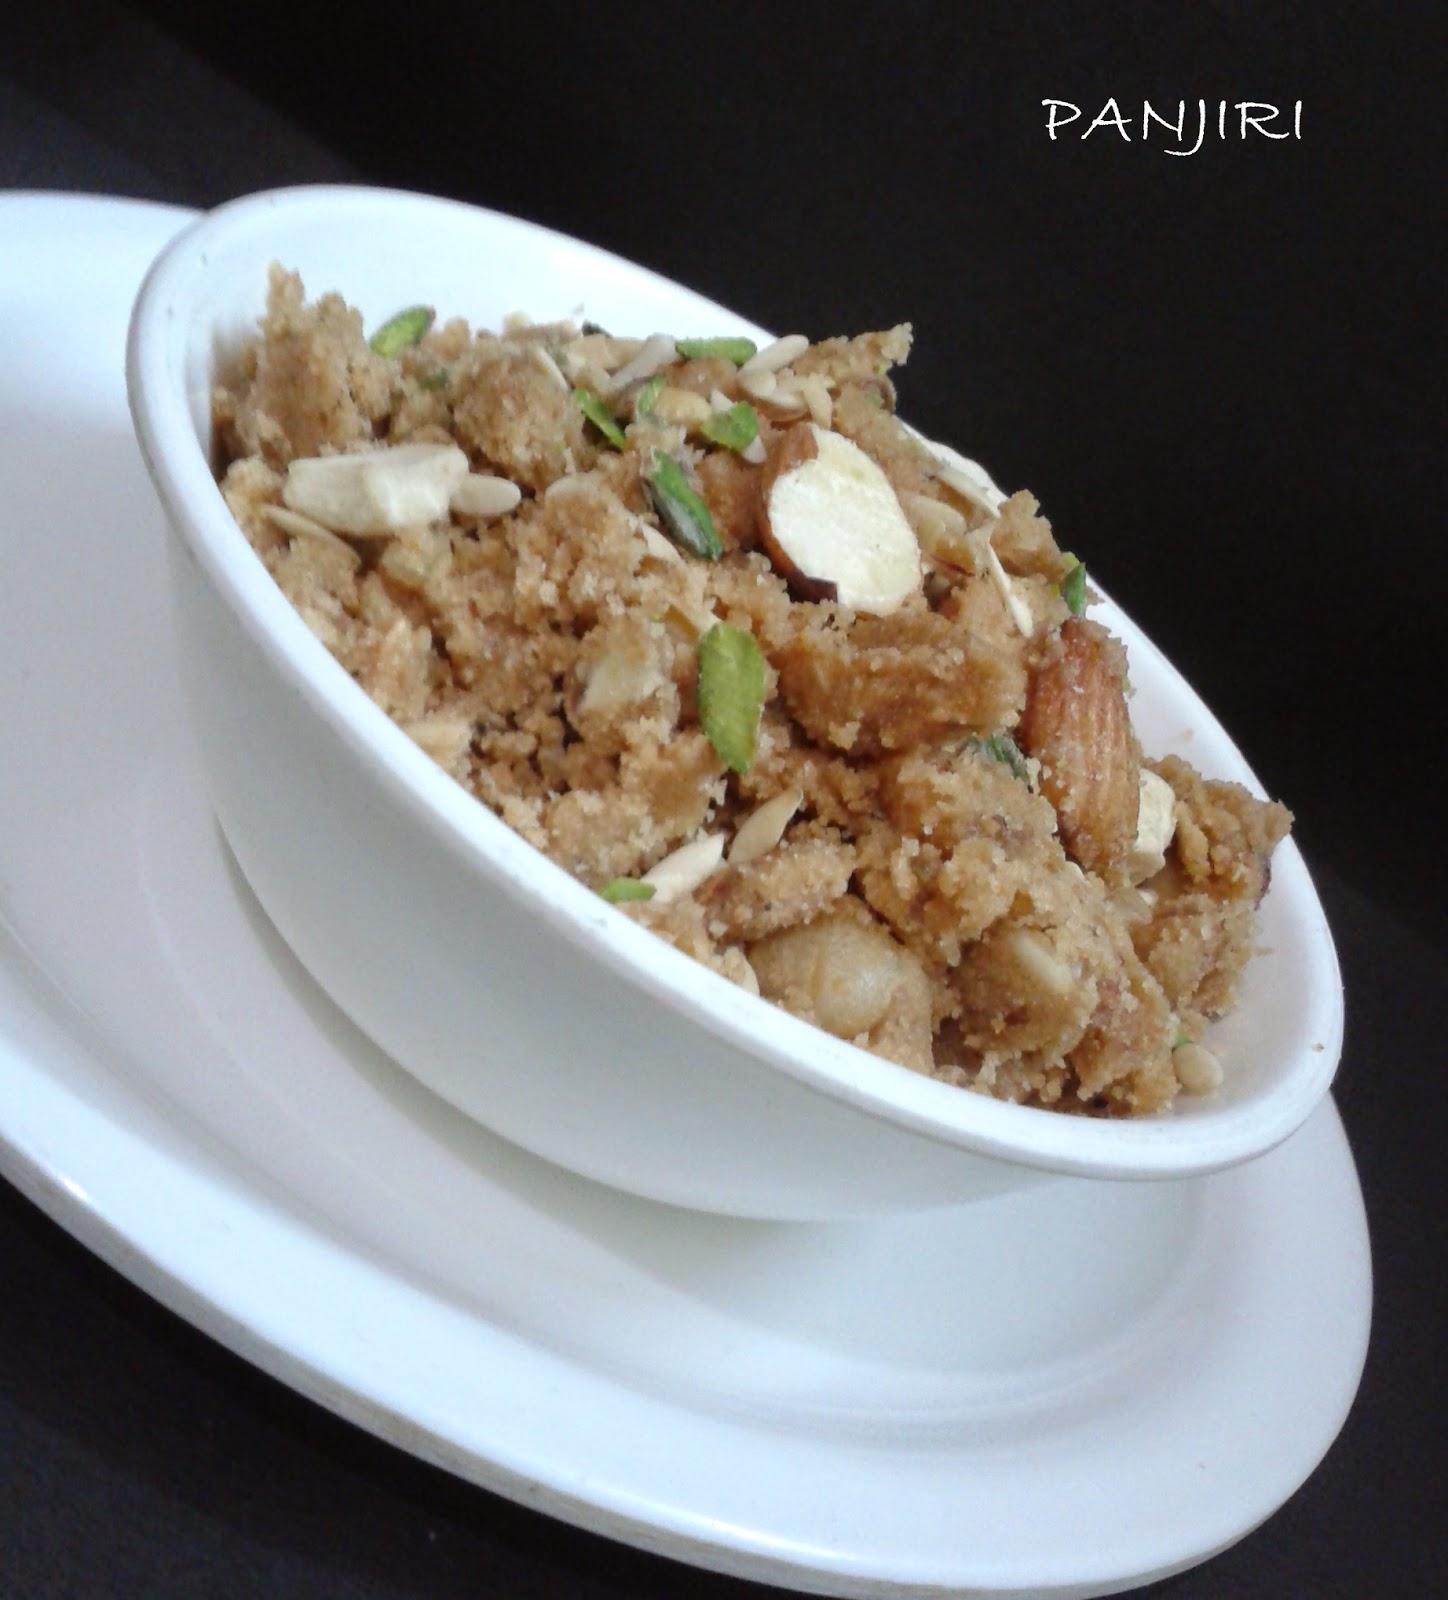 http://www.paakvidhi.com/2015/01/panjiri.html